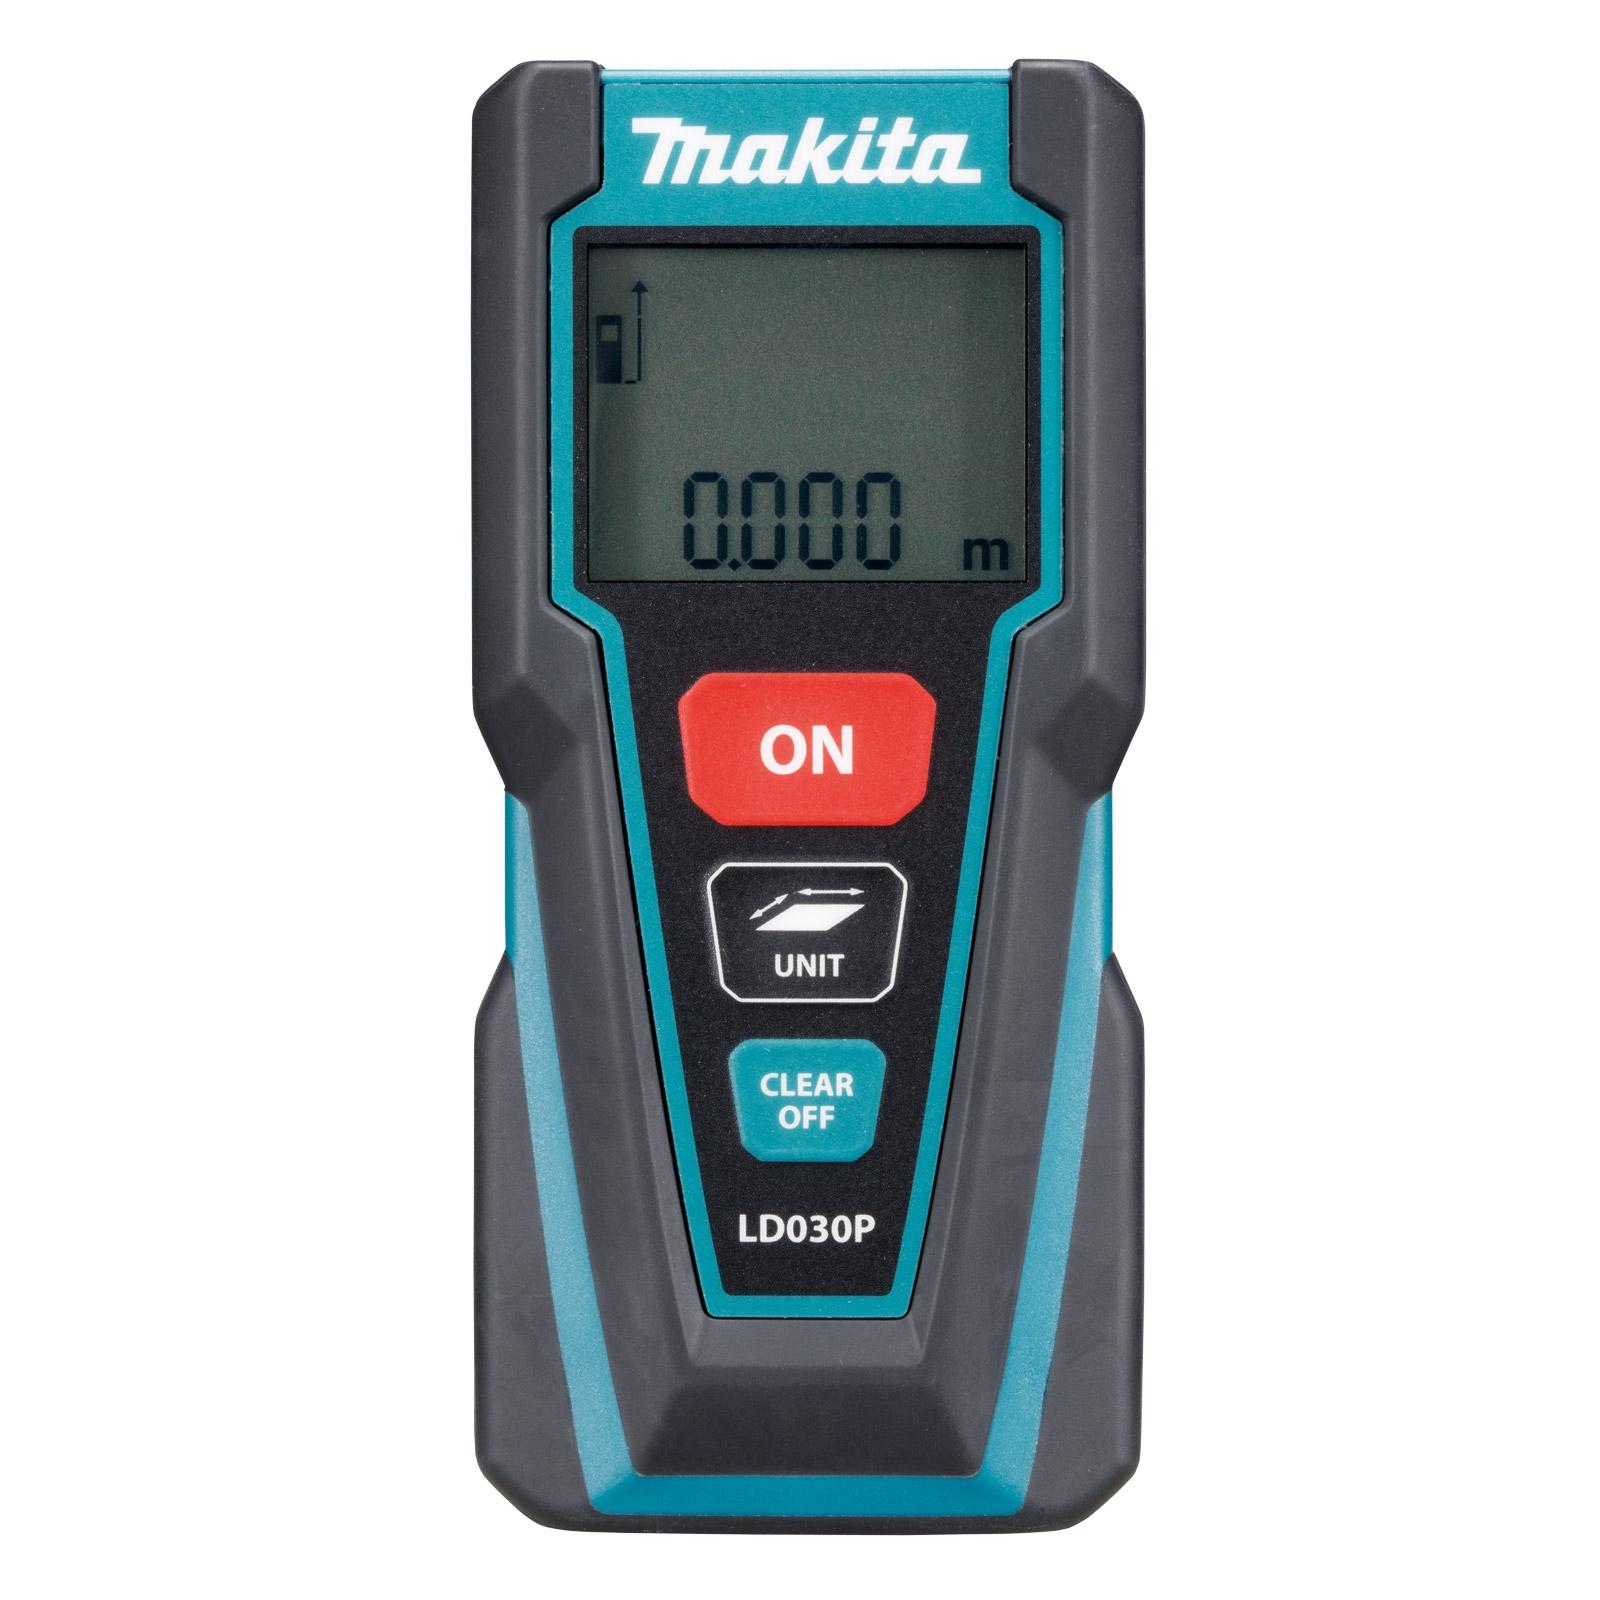 Makita Laser Entfernungsmesser 30 mtr LP030P Entfernungsmessgerät 16065